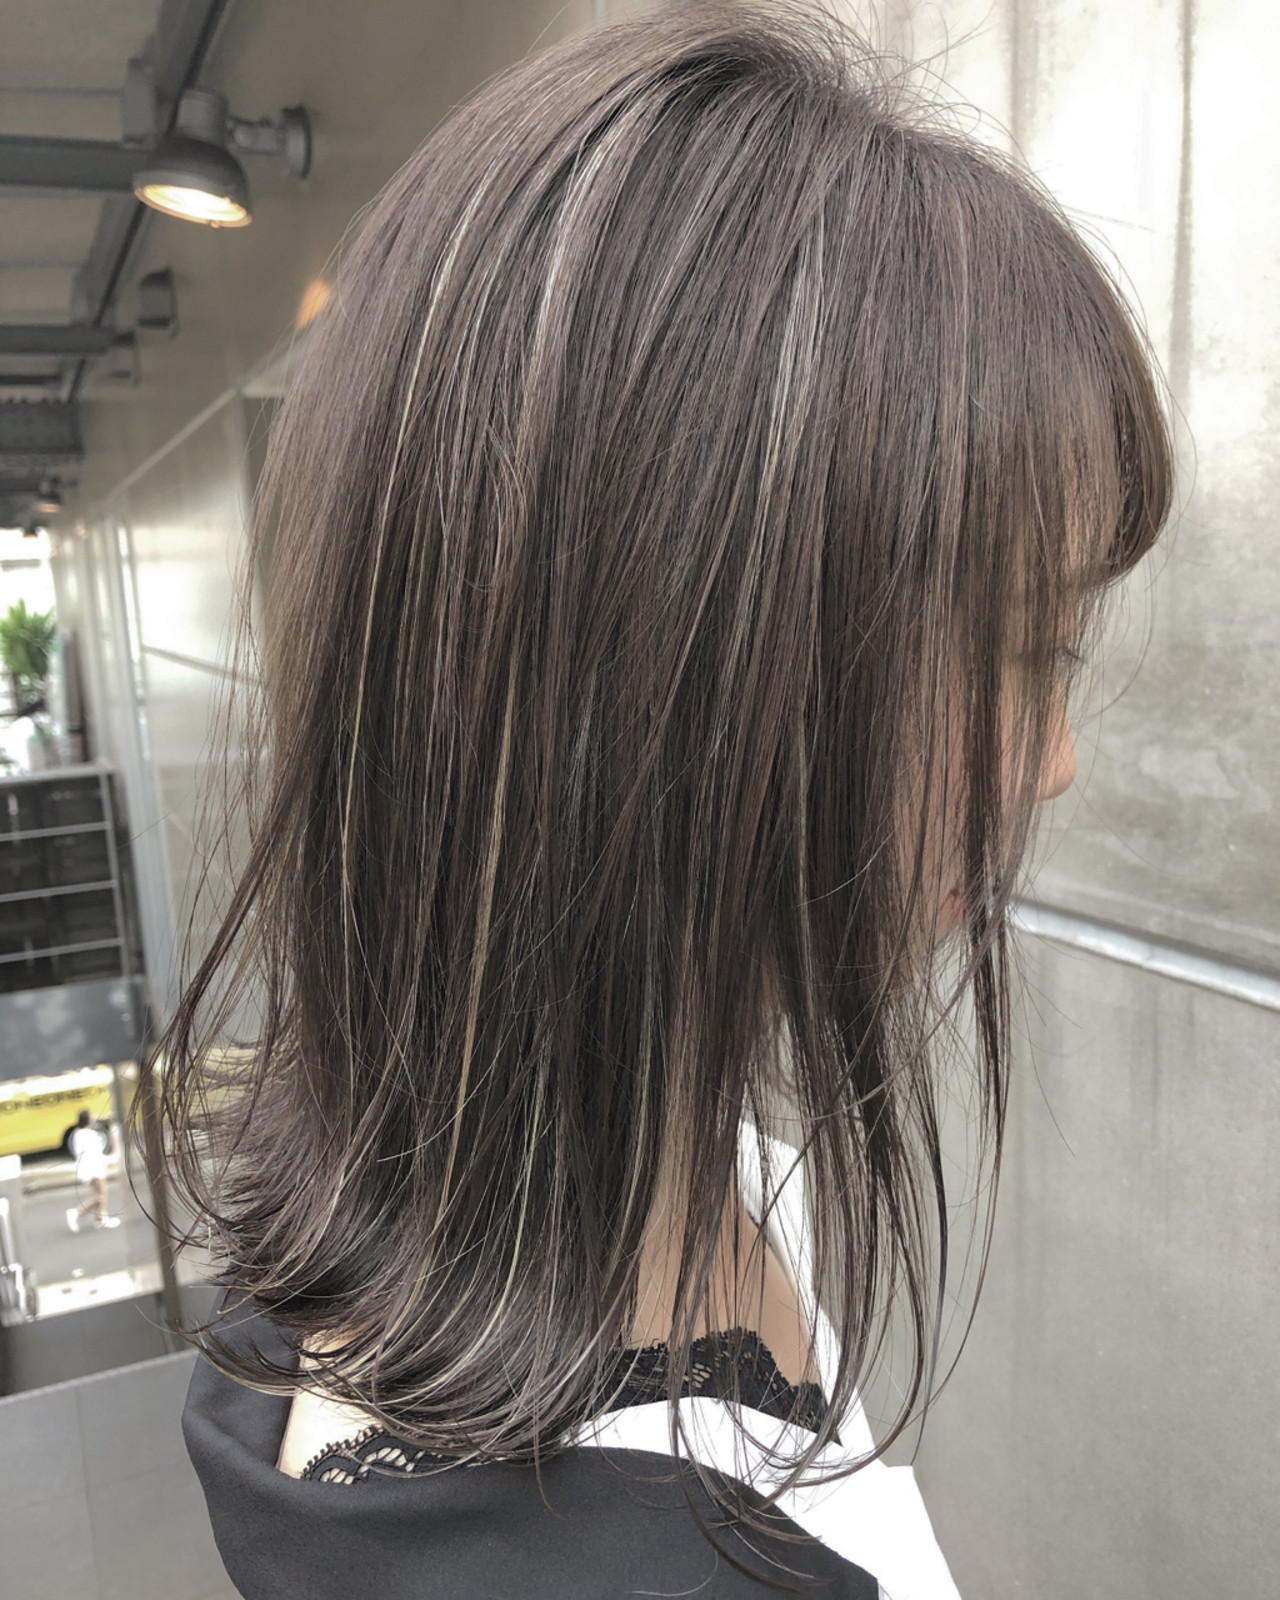 ボブ アウトドア 女子力 透明感 ヘアスタイルや髪型の写真・画像